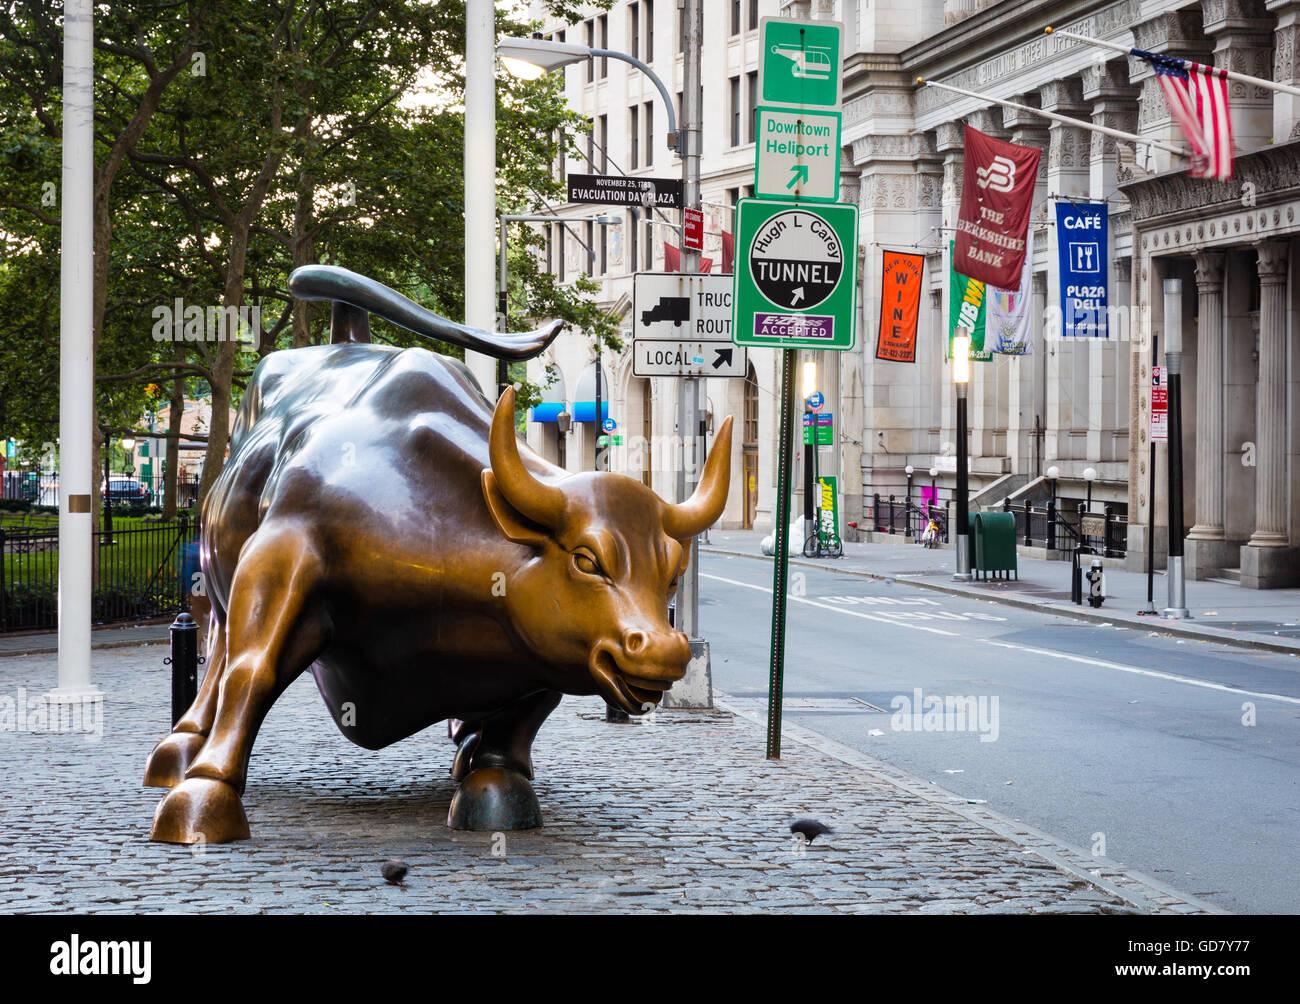 Bull de charge dans le quartier financier de la ville de New York, près de Wall Street Photo Stock